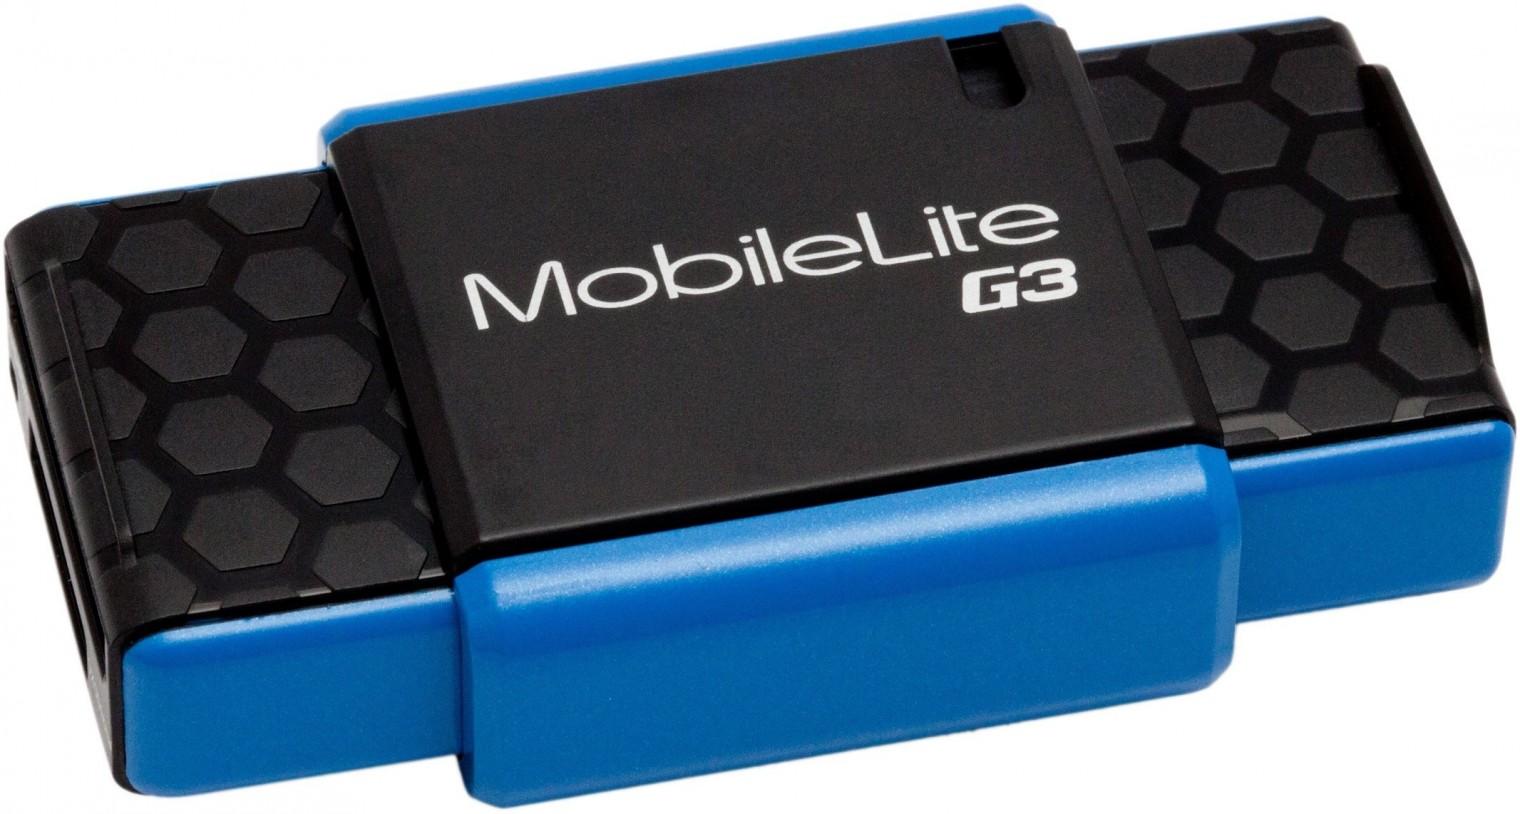 Čítačka kariet Kingston externá USB 3.0 čítačka MobileLite G3